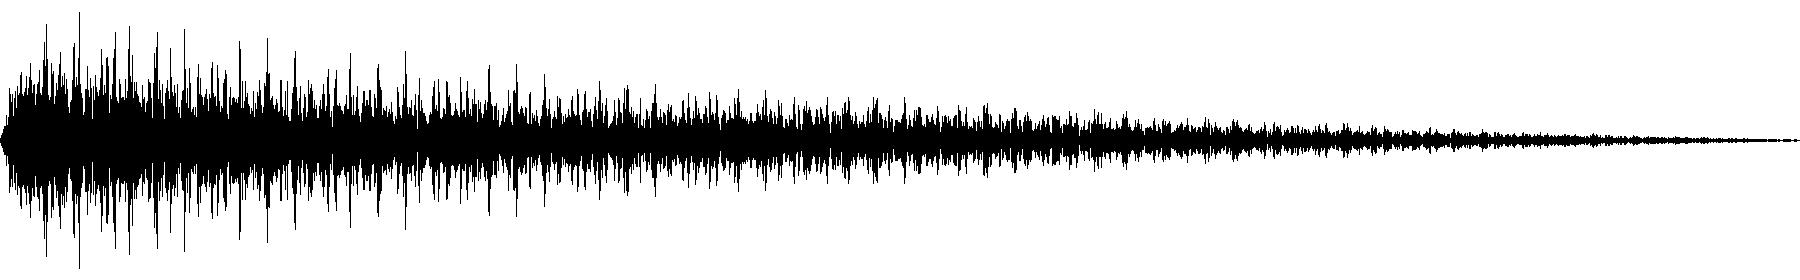 veh2 synths   099 c